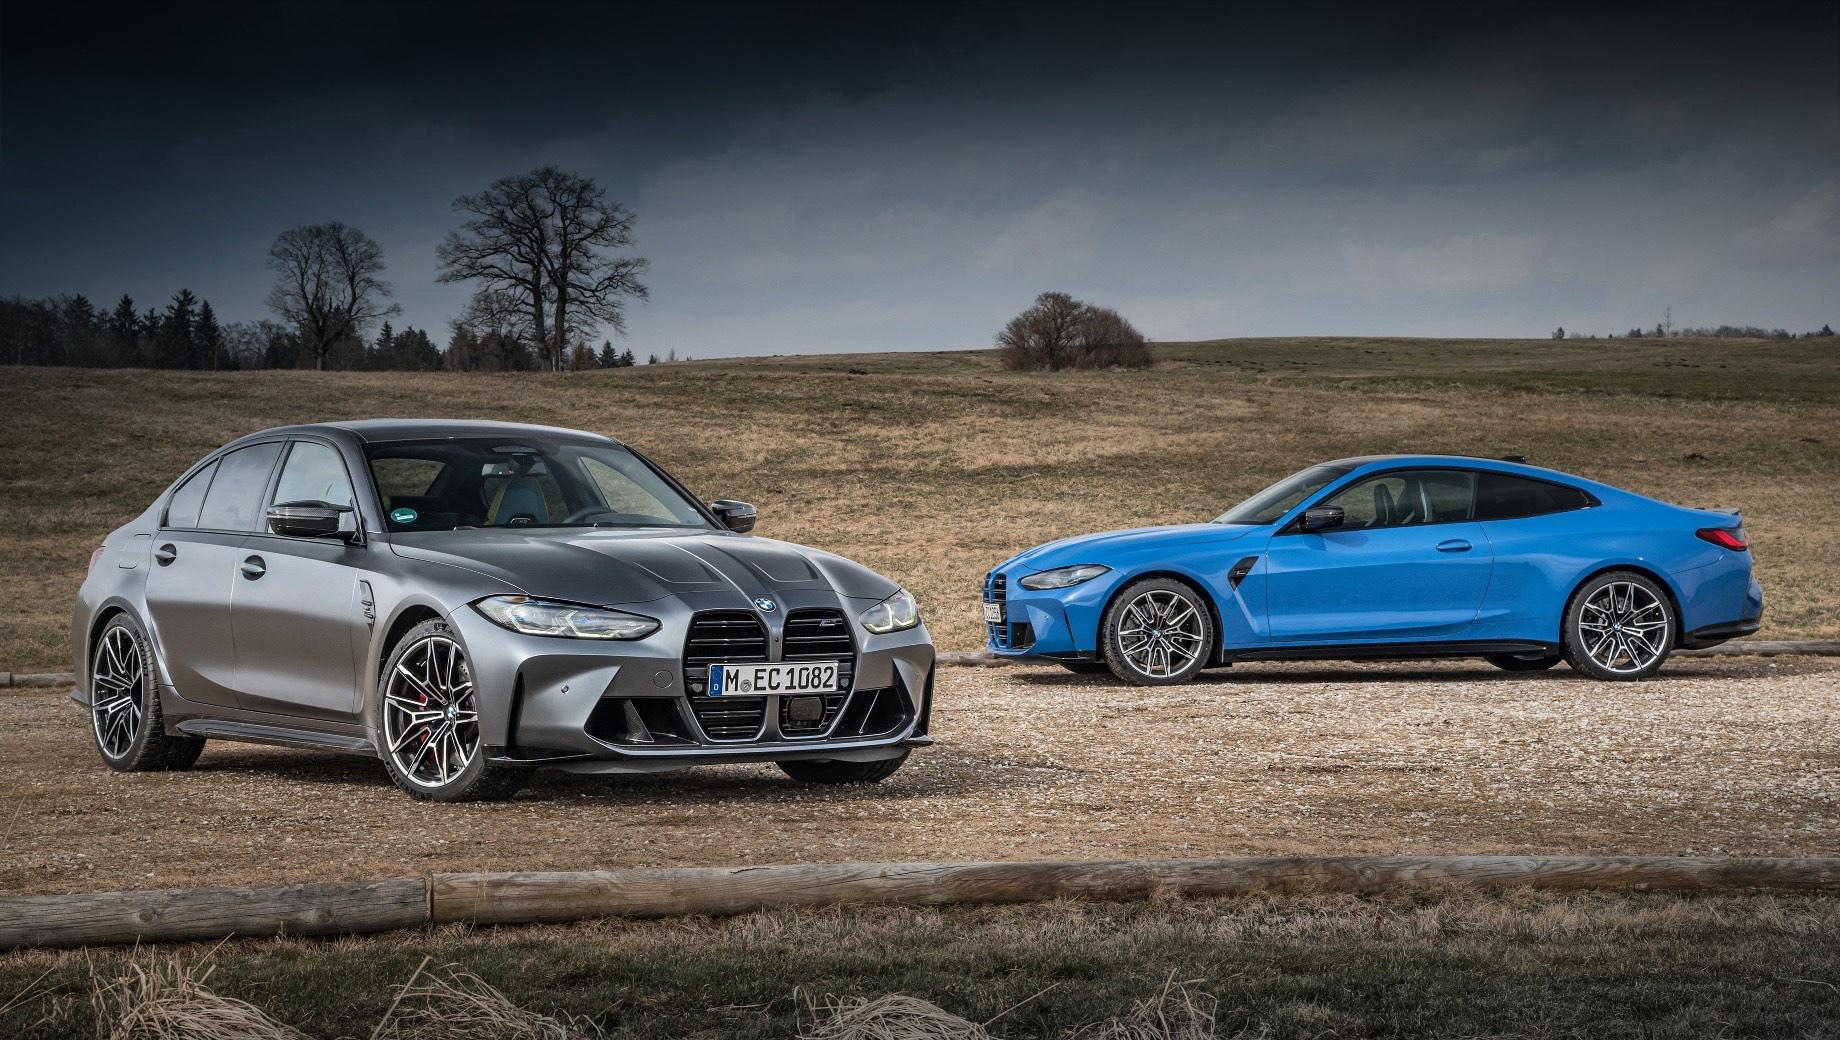 Bmw m3,Bmw m4,Bmw m3 xdrive,Bmw m4 xdrive. BMW M3 и M4 с приставкой xDrive весят 1780 и 1775 кг соответственно, но ускорение до сотни у обоих занимает впечатляющие 3,5 с. Максимальная скорость ограничена на 250 км/ч, но в топ-исполнении M Special Pro (углепластиковые сиденья и пакет M Driver's Package) показатель увеличится до 290 км/ч.